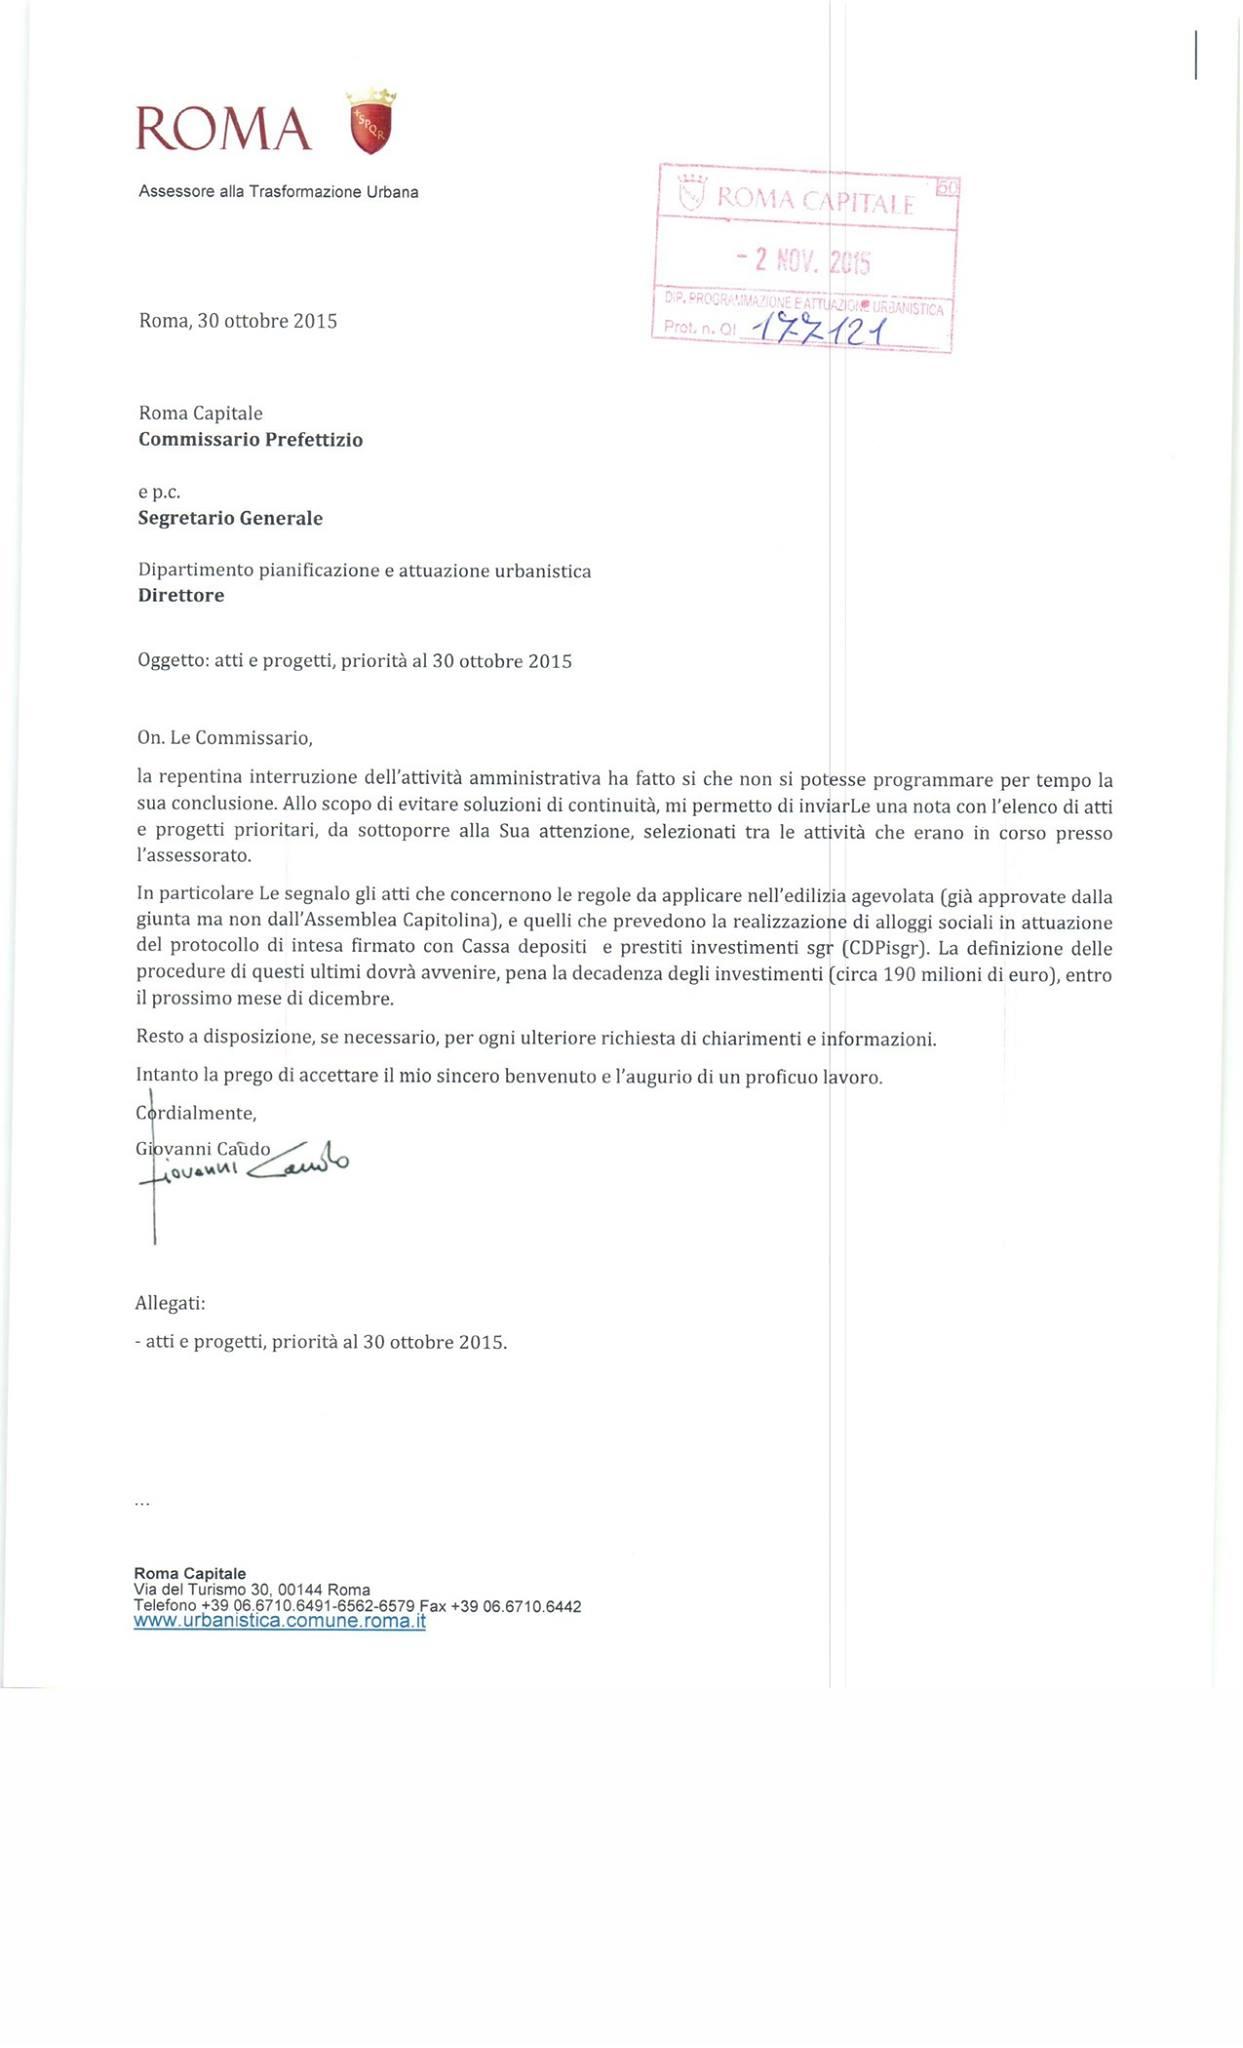 lettera di Caudo a Tronca